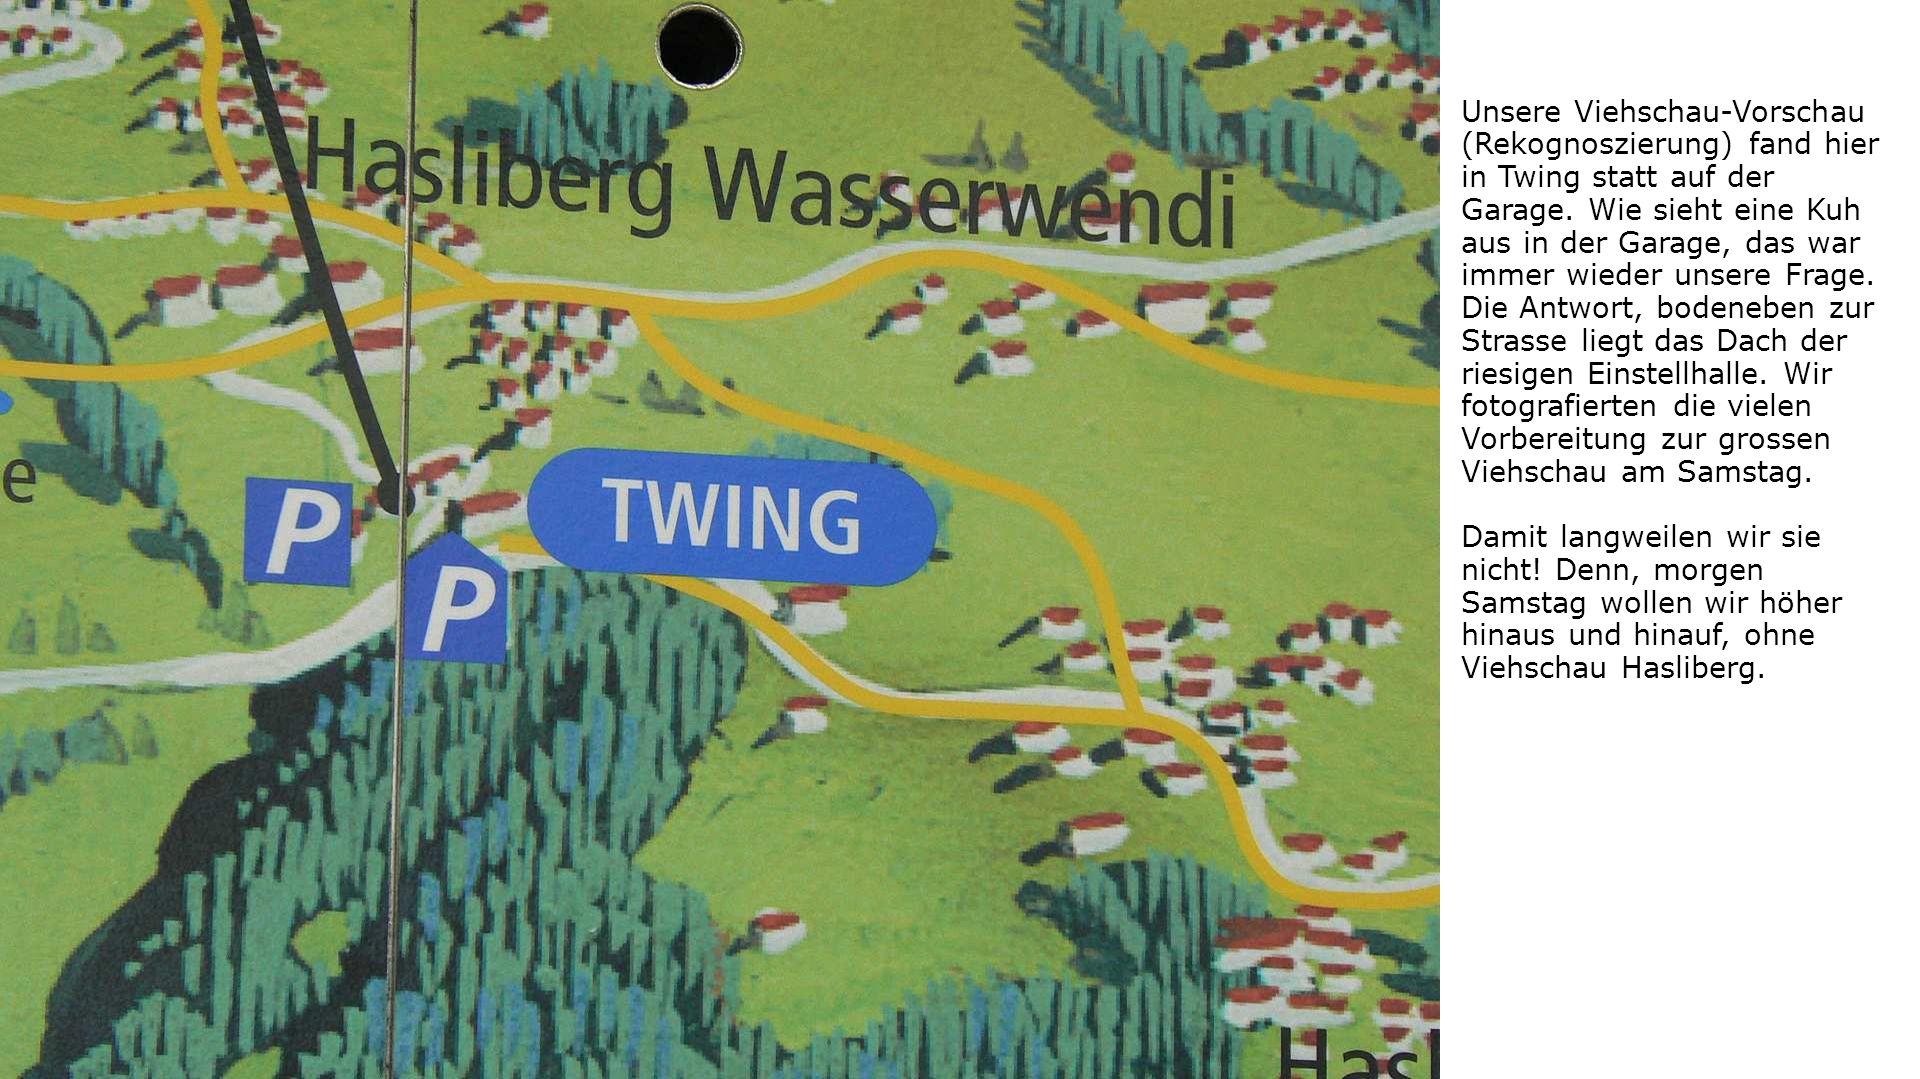 Unsere Viehschau-Vorschau (Rekognoszierung) fand hier in Twing statt auf der Garage.